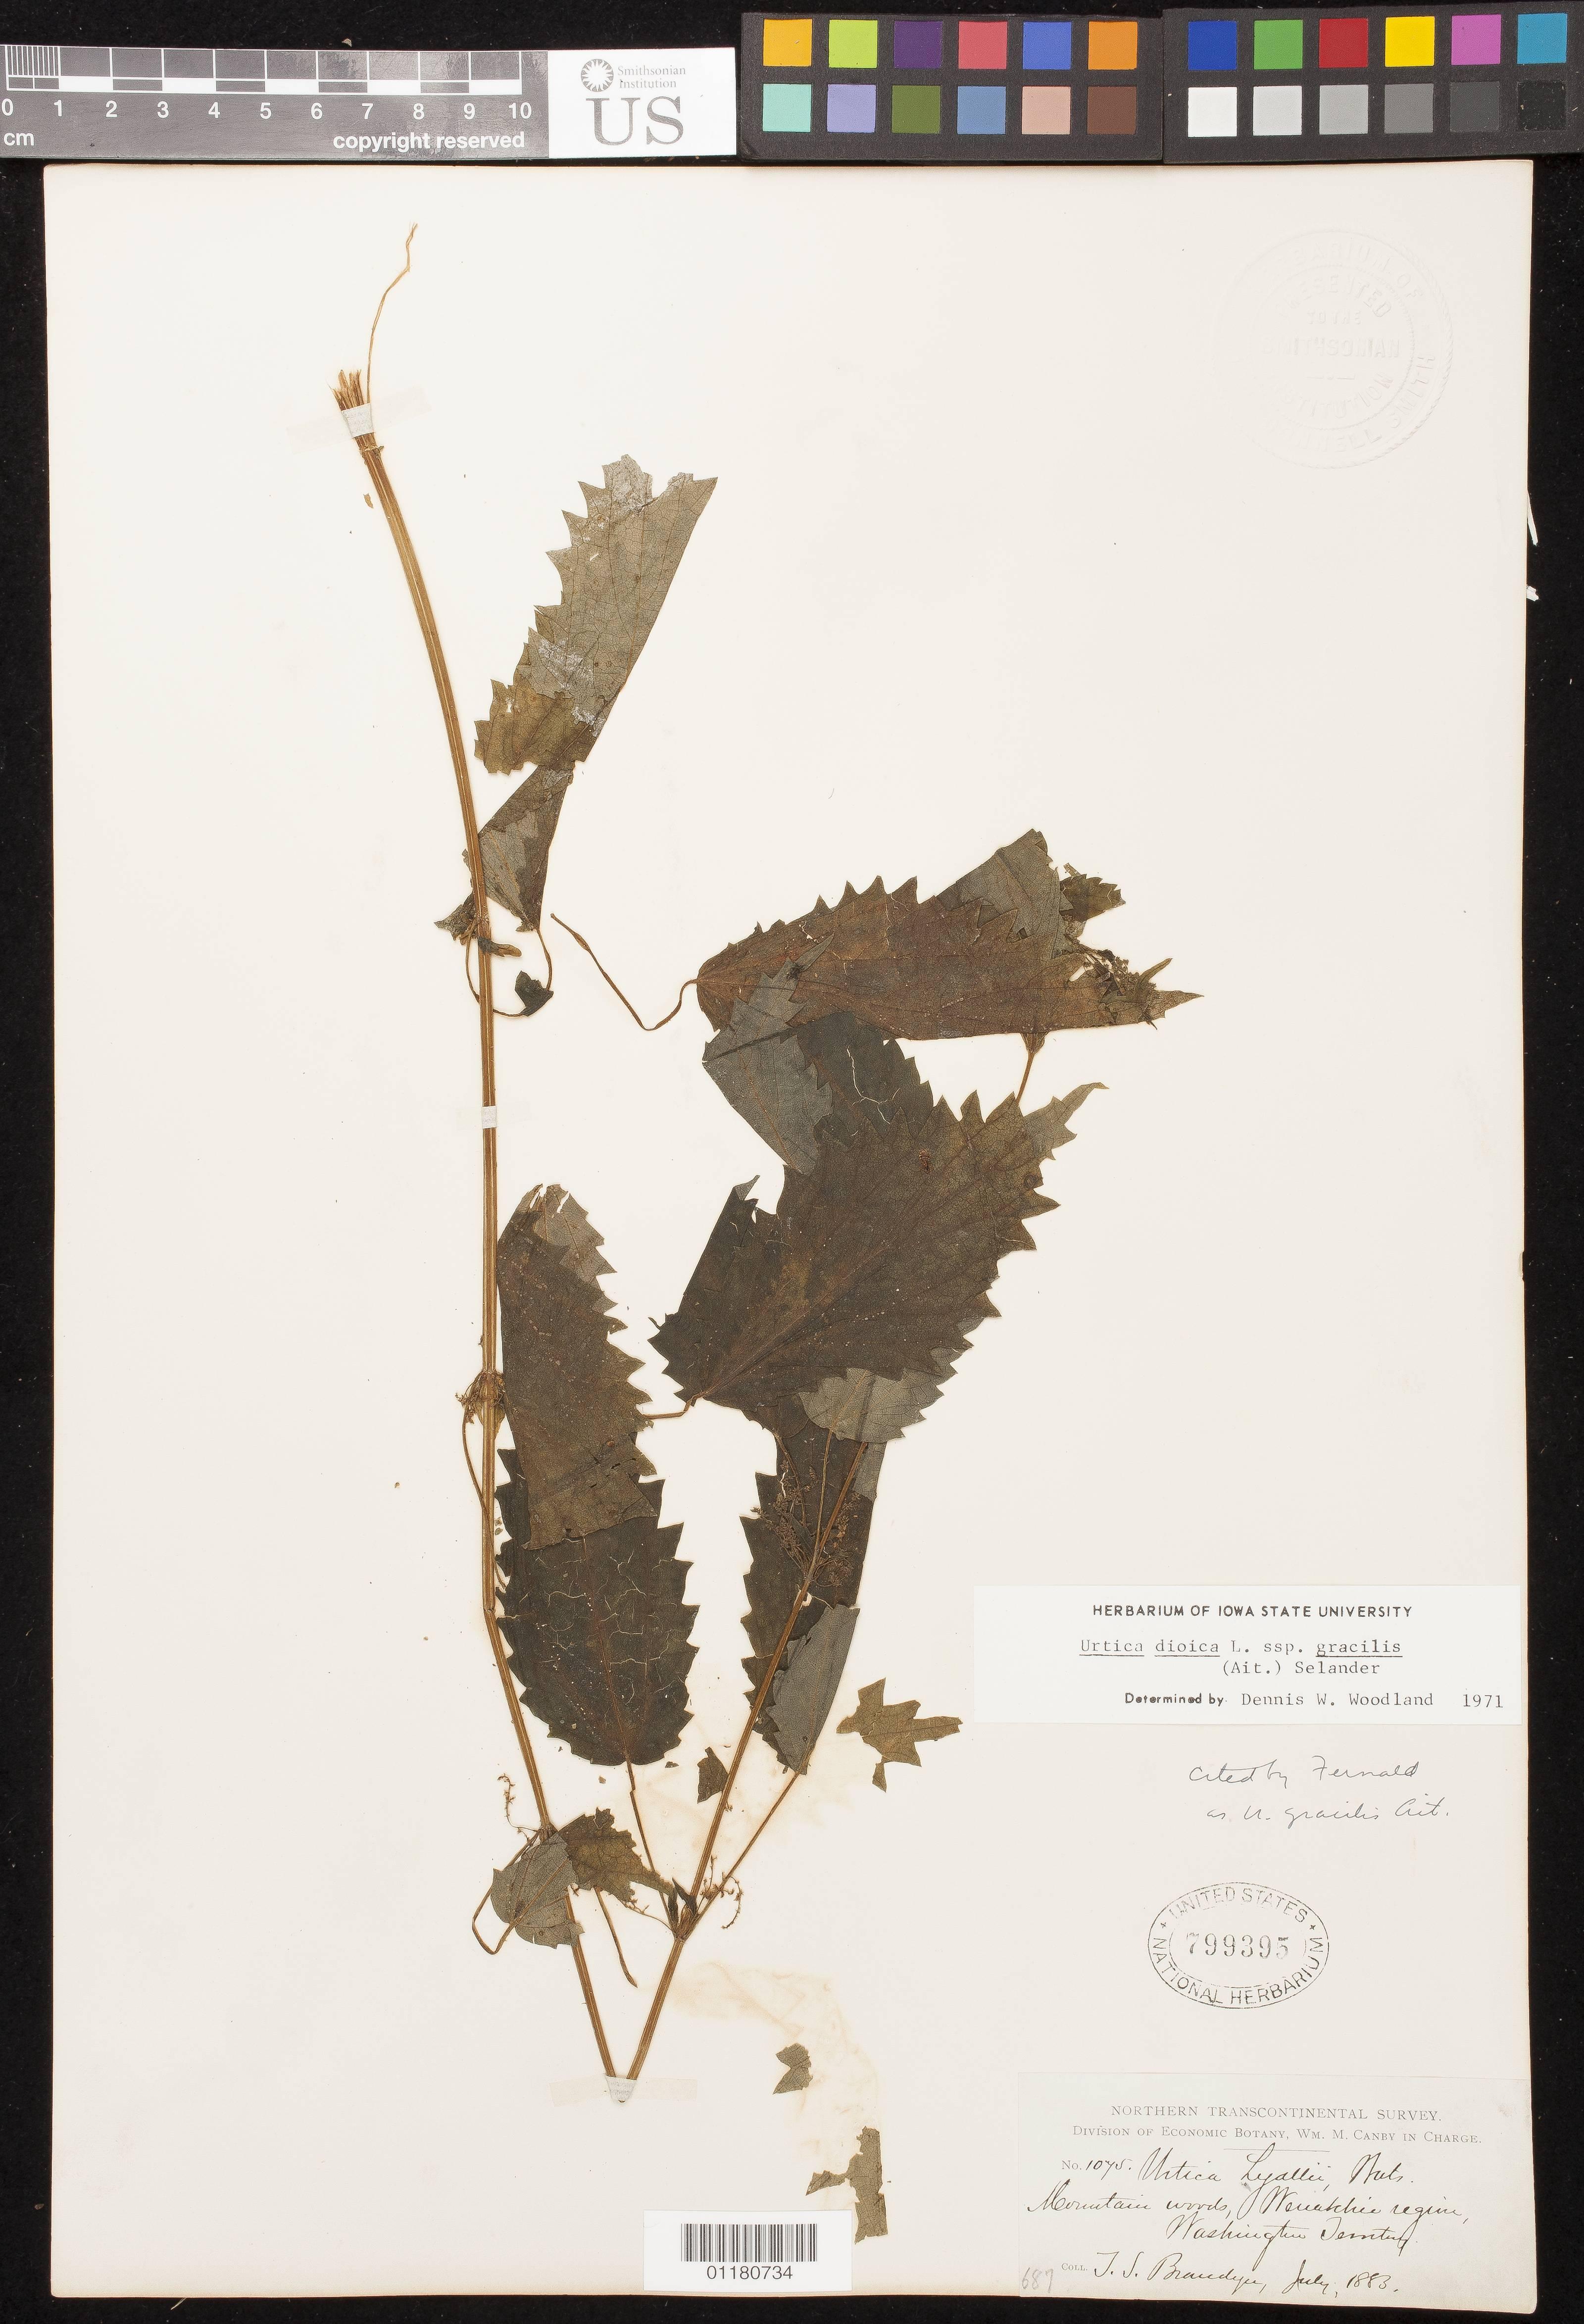 Image of California nettle